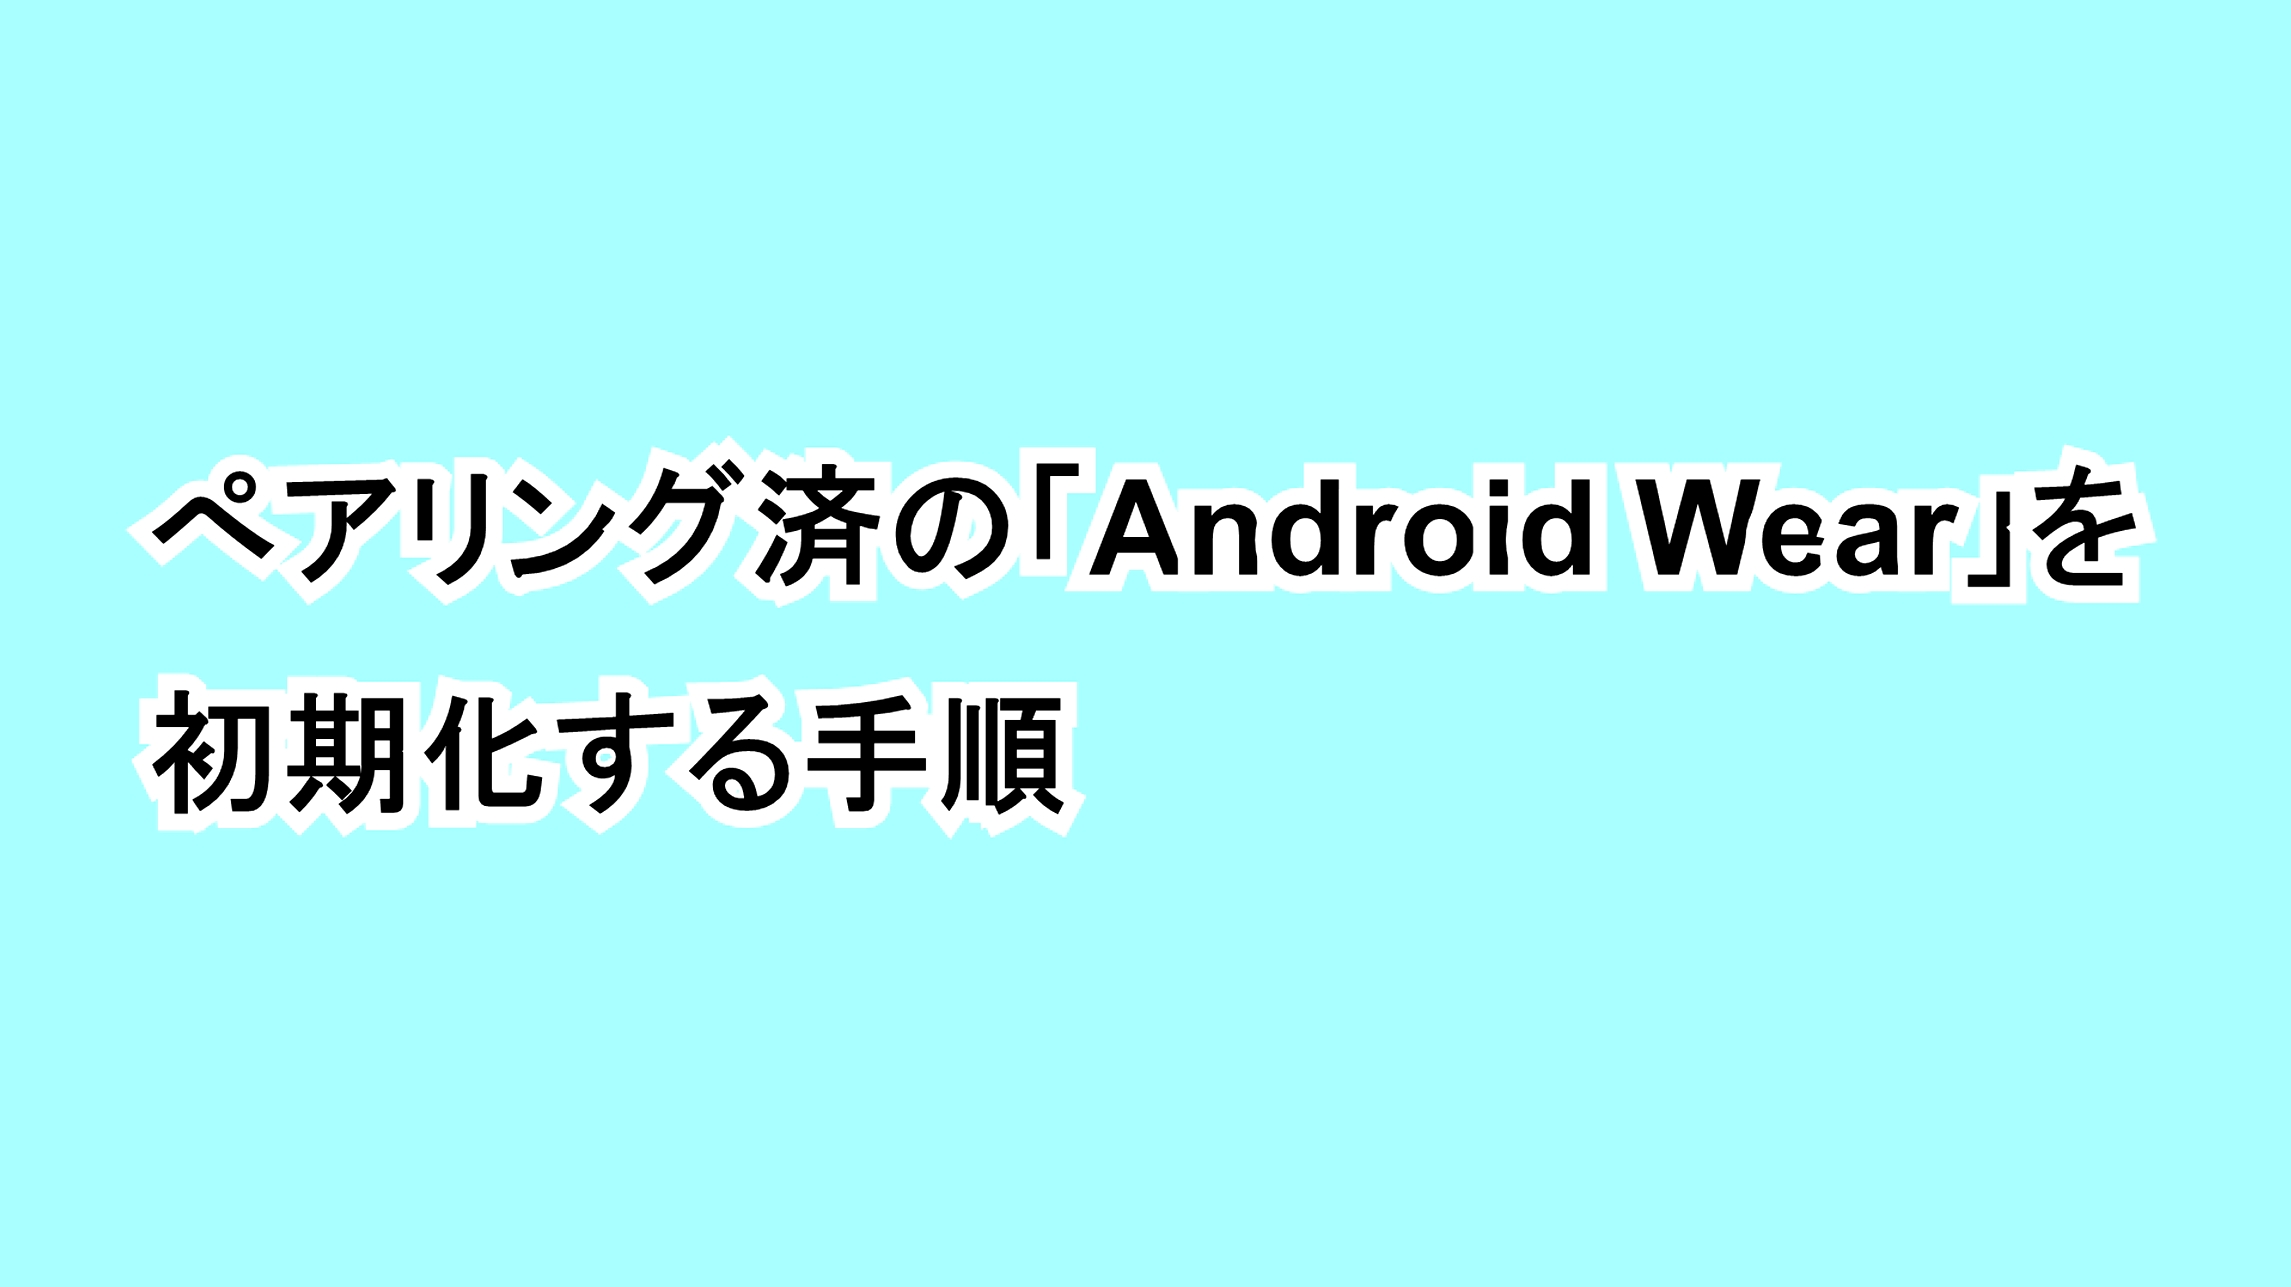 ぺアリング済の「Android Wear」を初期化する手順